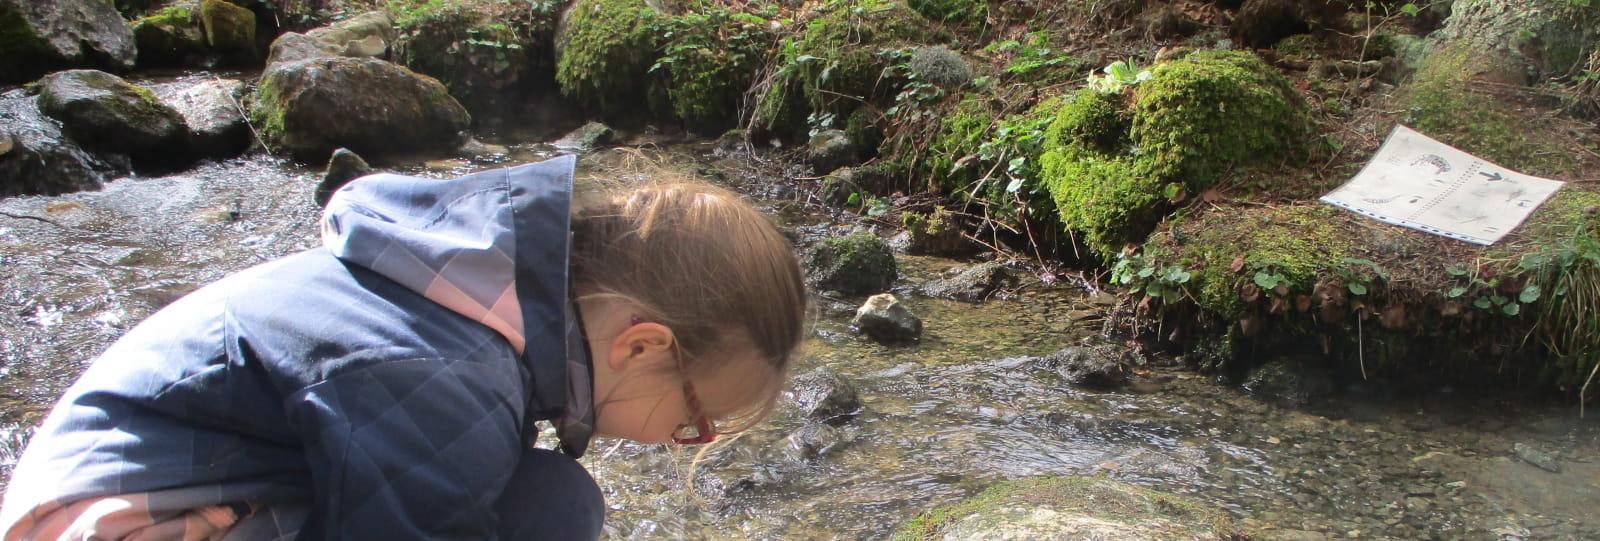 Les hommes et l'eau - parcours citoyen - IDDJ